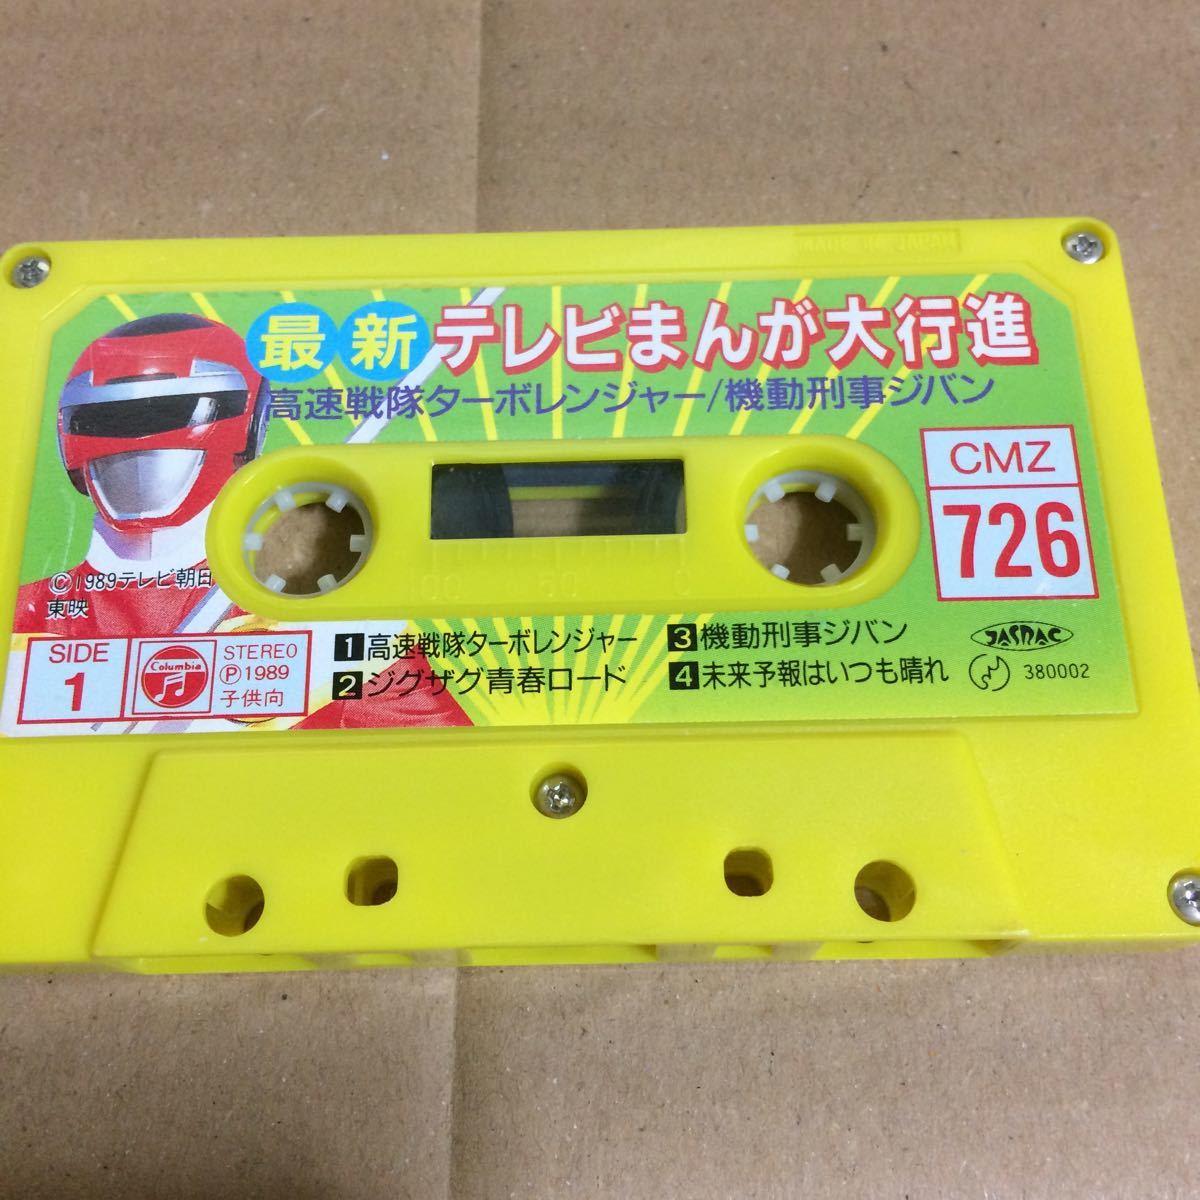 C0072)最新テレビまんが大行進 ターボレンジャー/ジバン_画像1